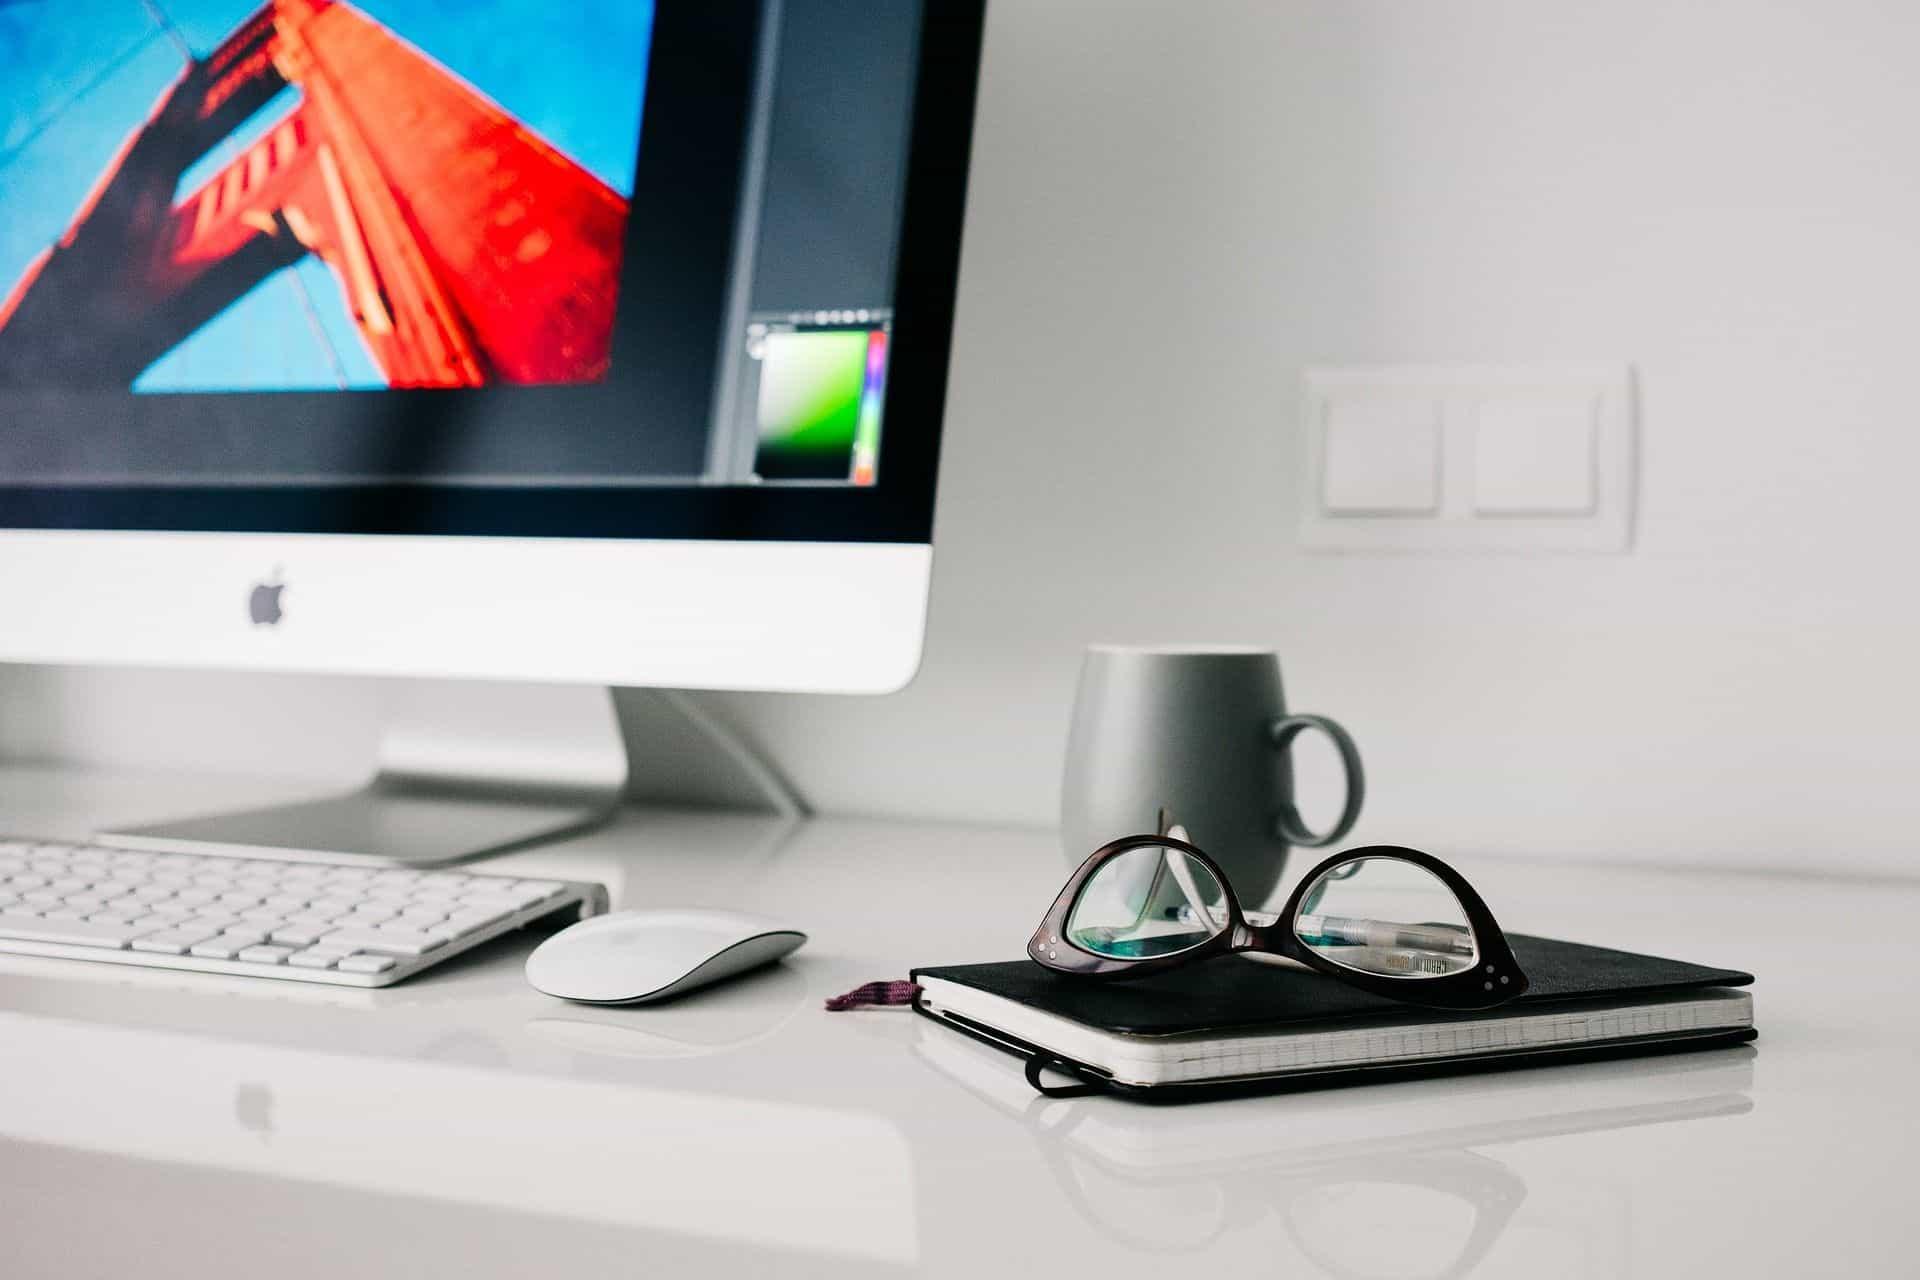 La resolución de pantalla, un factor decisivo en el diseño Web